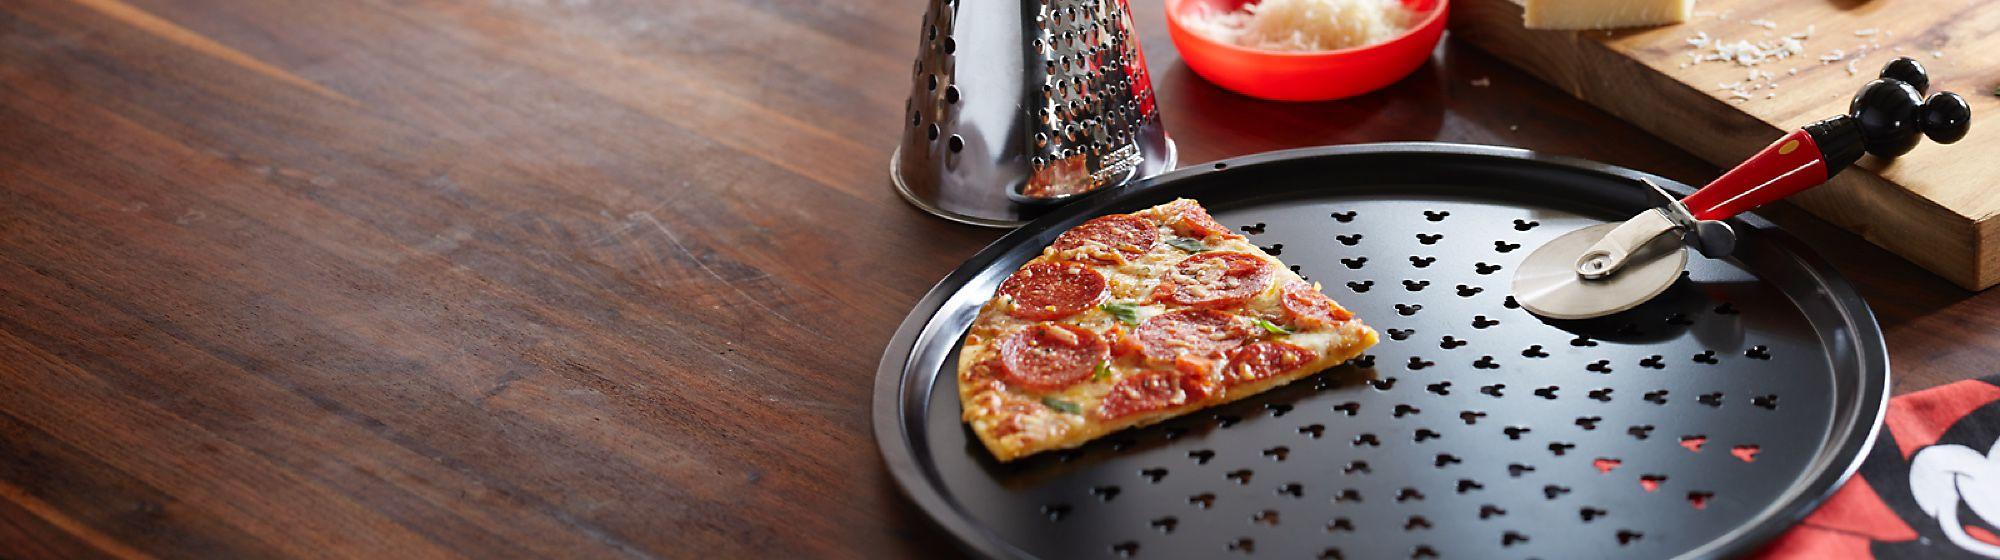 Disney Eats Vous avez soif d'aventure culinaire ? Notre collection exclusive d'ustensiles de cuisine ravira petits et grands !